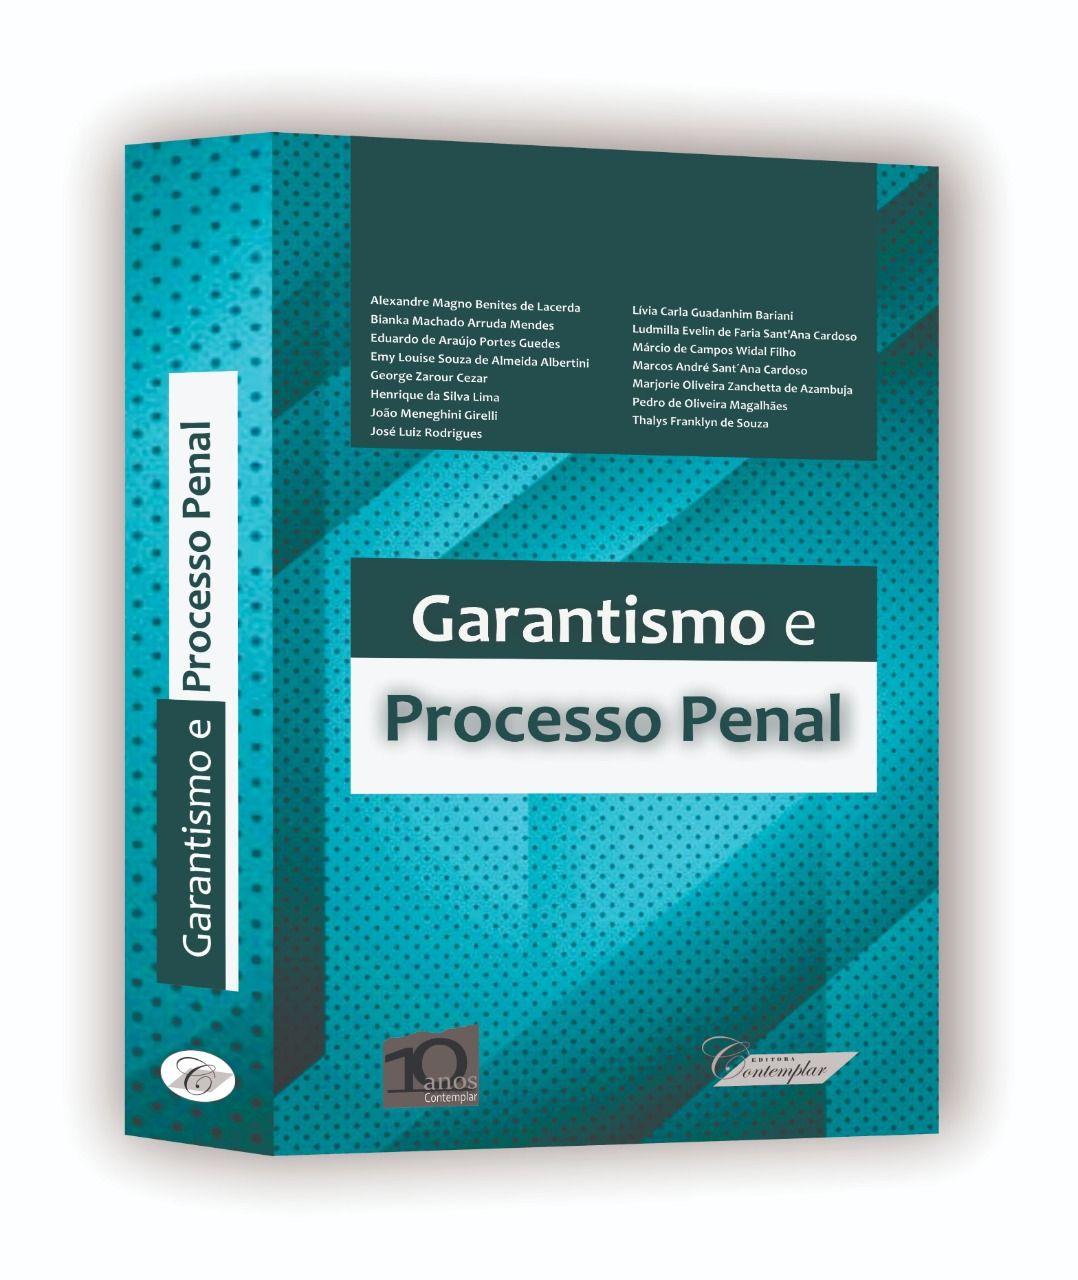 Garantismo e Processo Penal